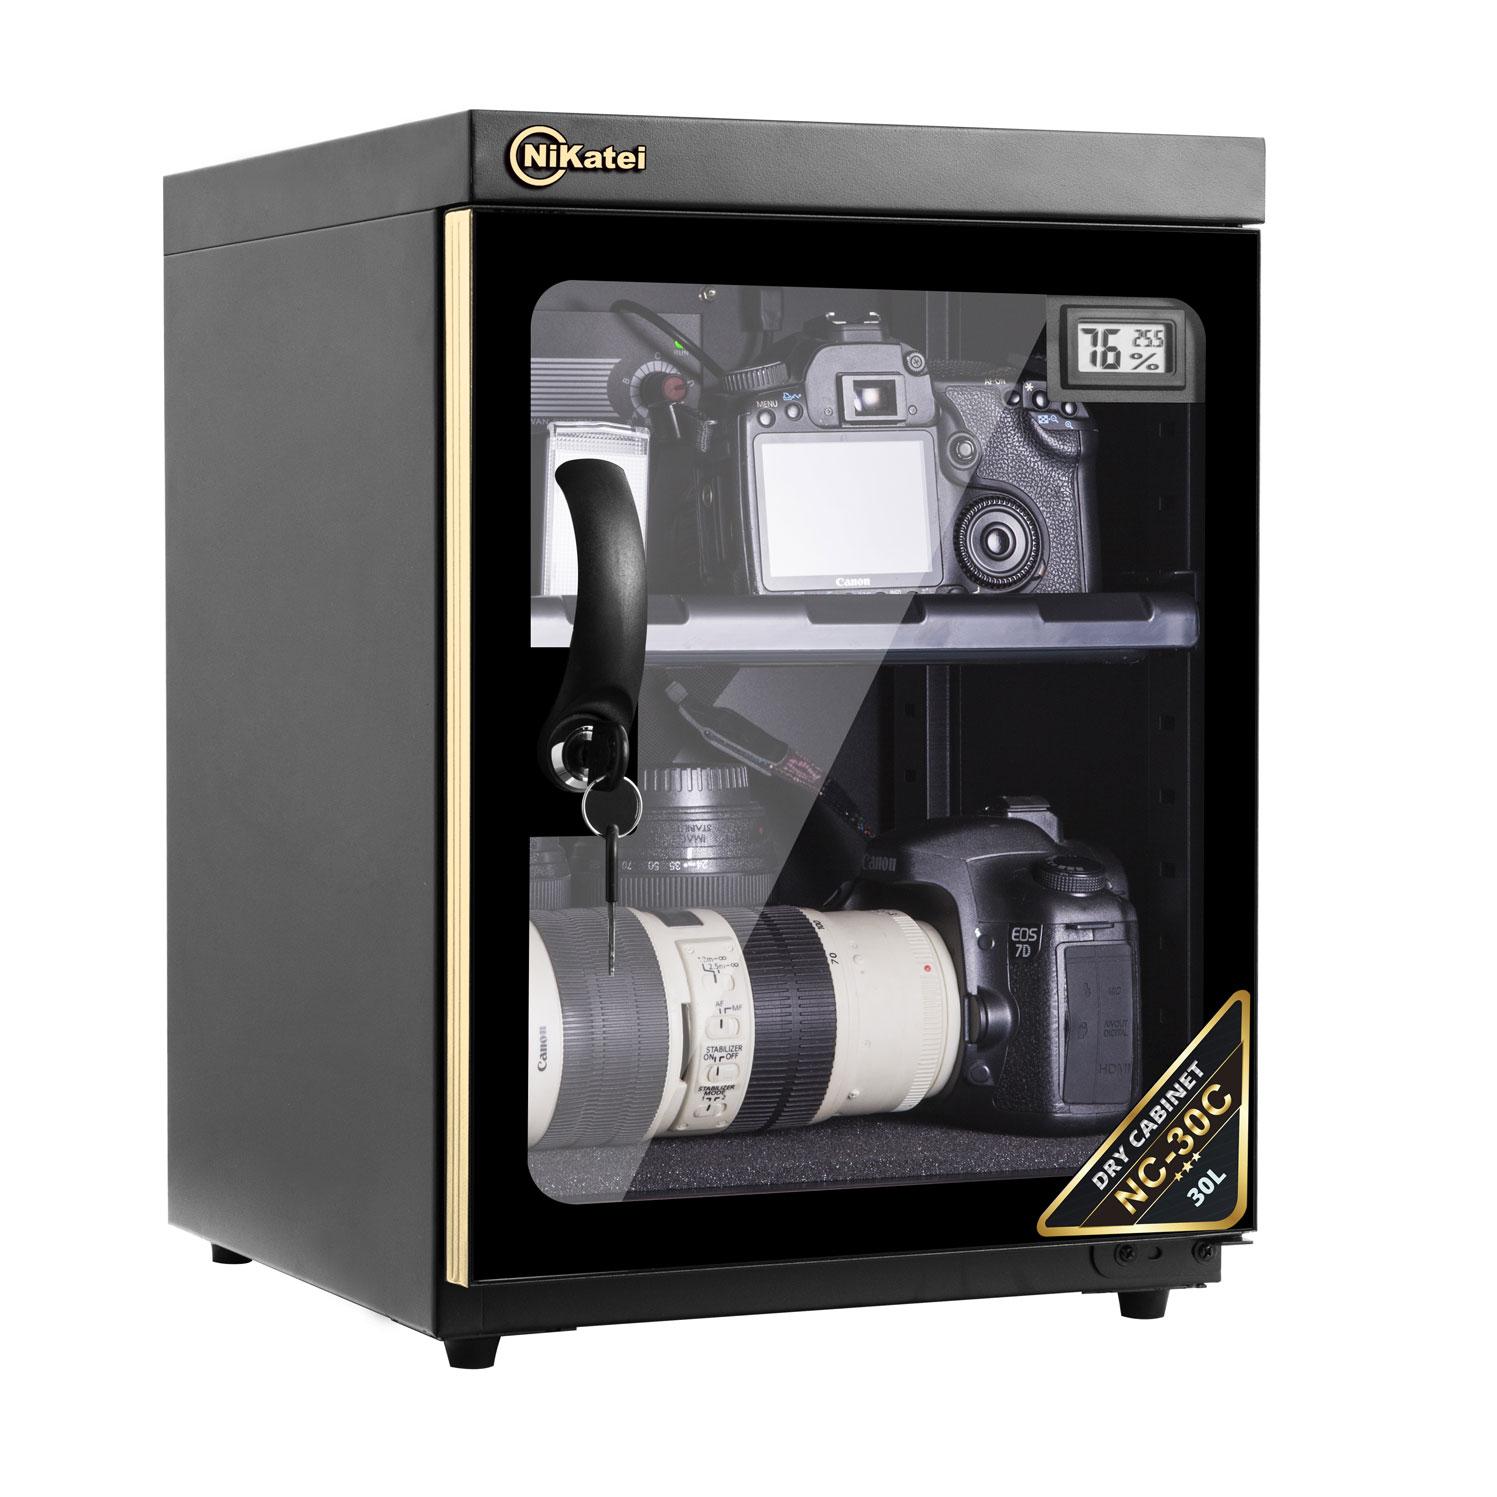 Tủ chống ẩm cao cấp Nikatei NC-30C viền nhôm mạ vàng Gold (30 lít)